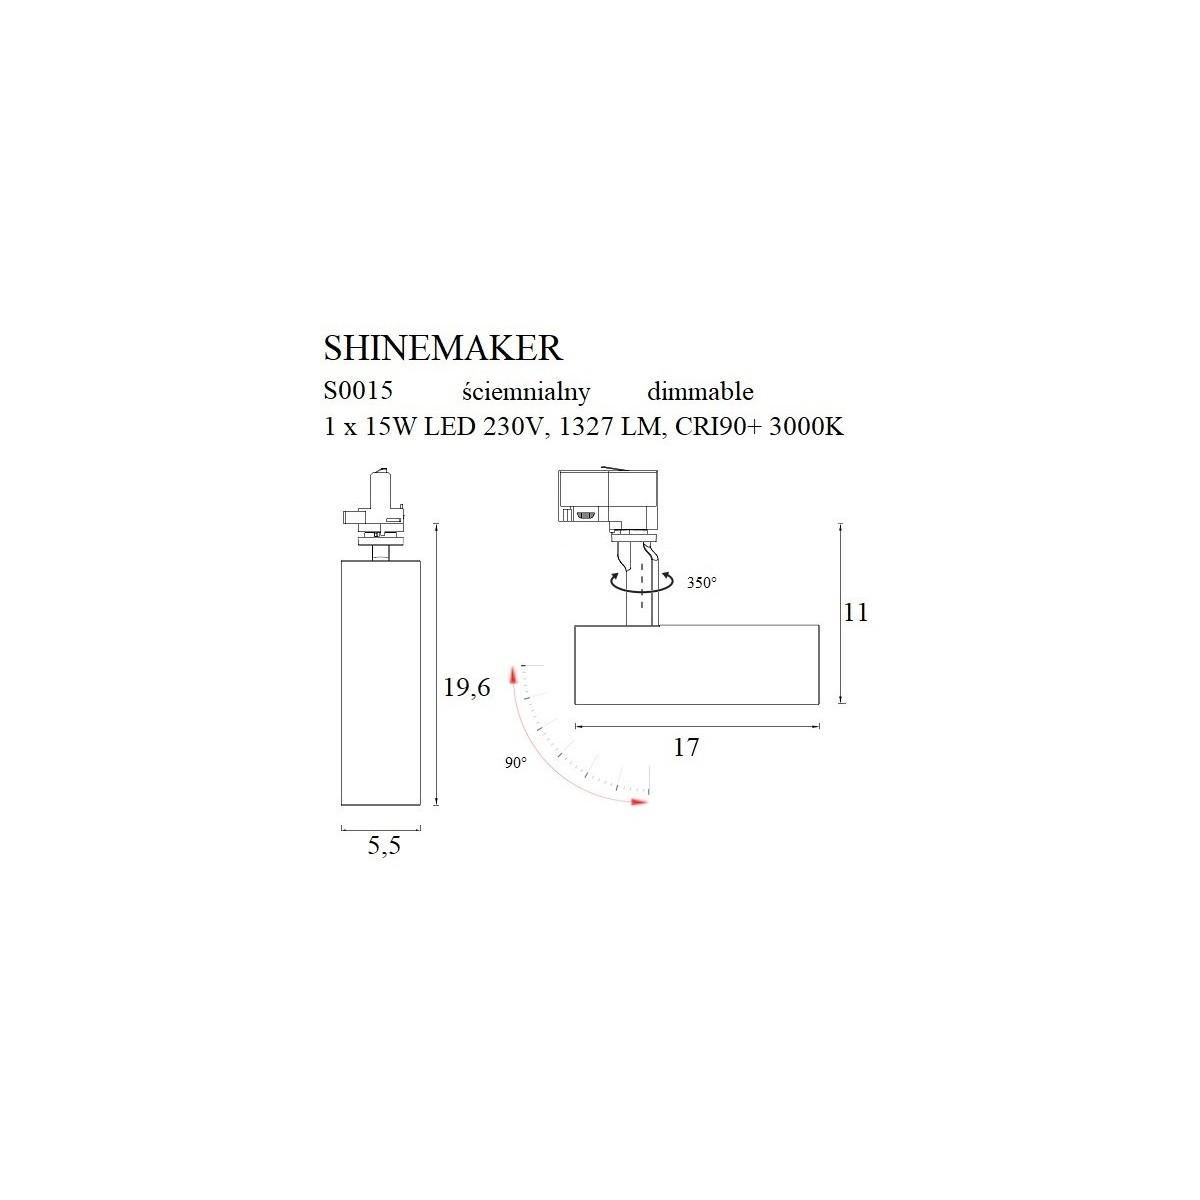 MAXlight Shinemaker Reflektor Do Szynoprzewodu 3F 15W LED 1327lm 3000K Biały Ściemnialny S0015